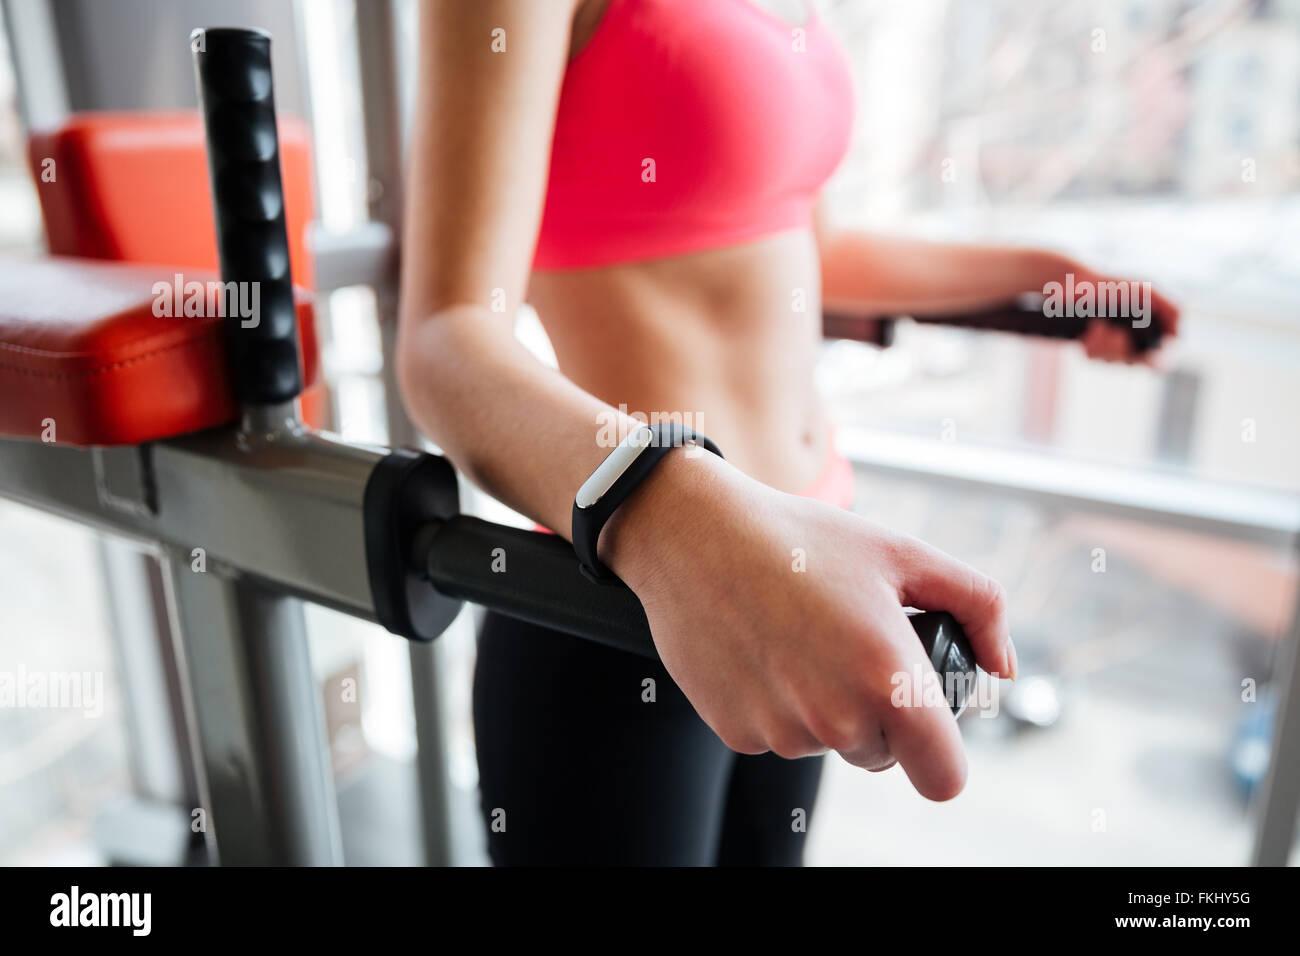 Attraente donna giovane atleta con tracker di fitness su mano lavorando in palestra Immagini Stock